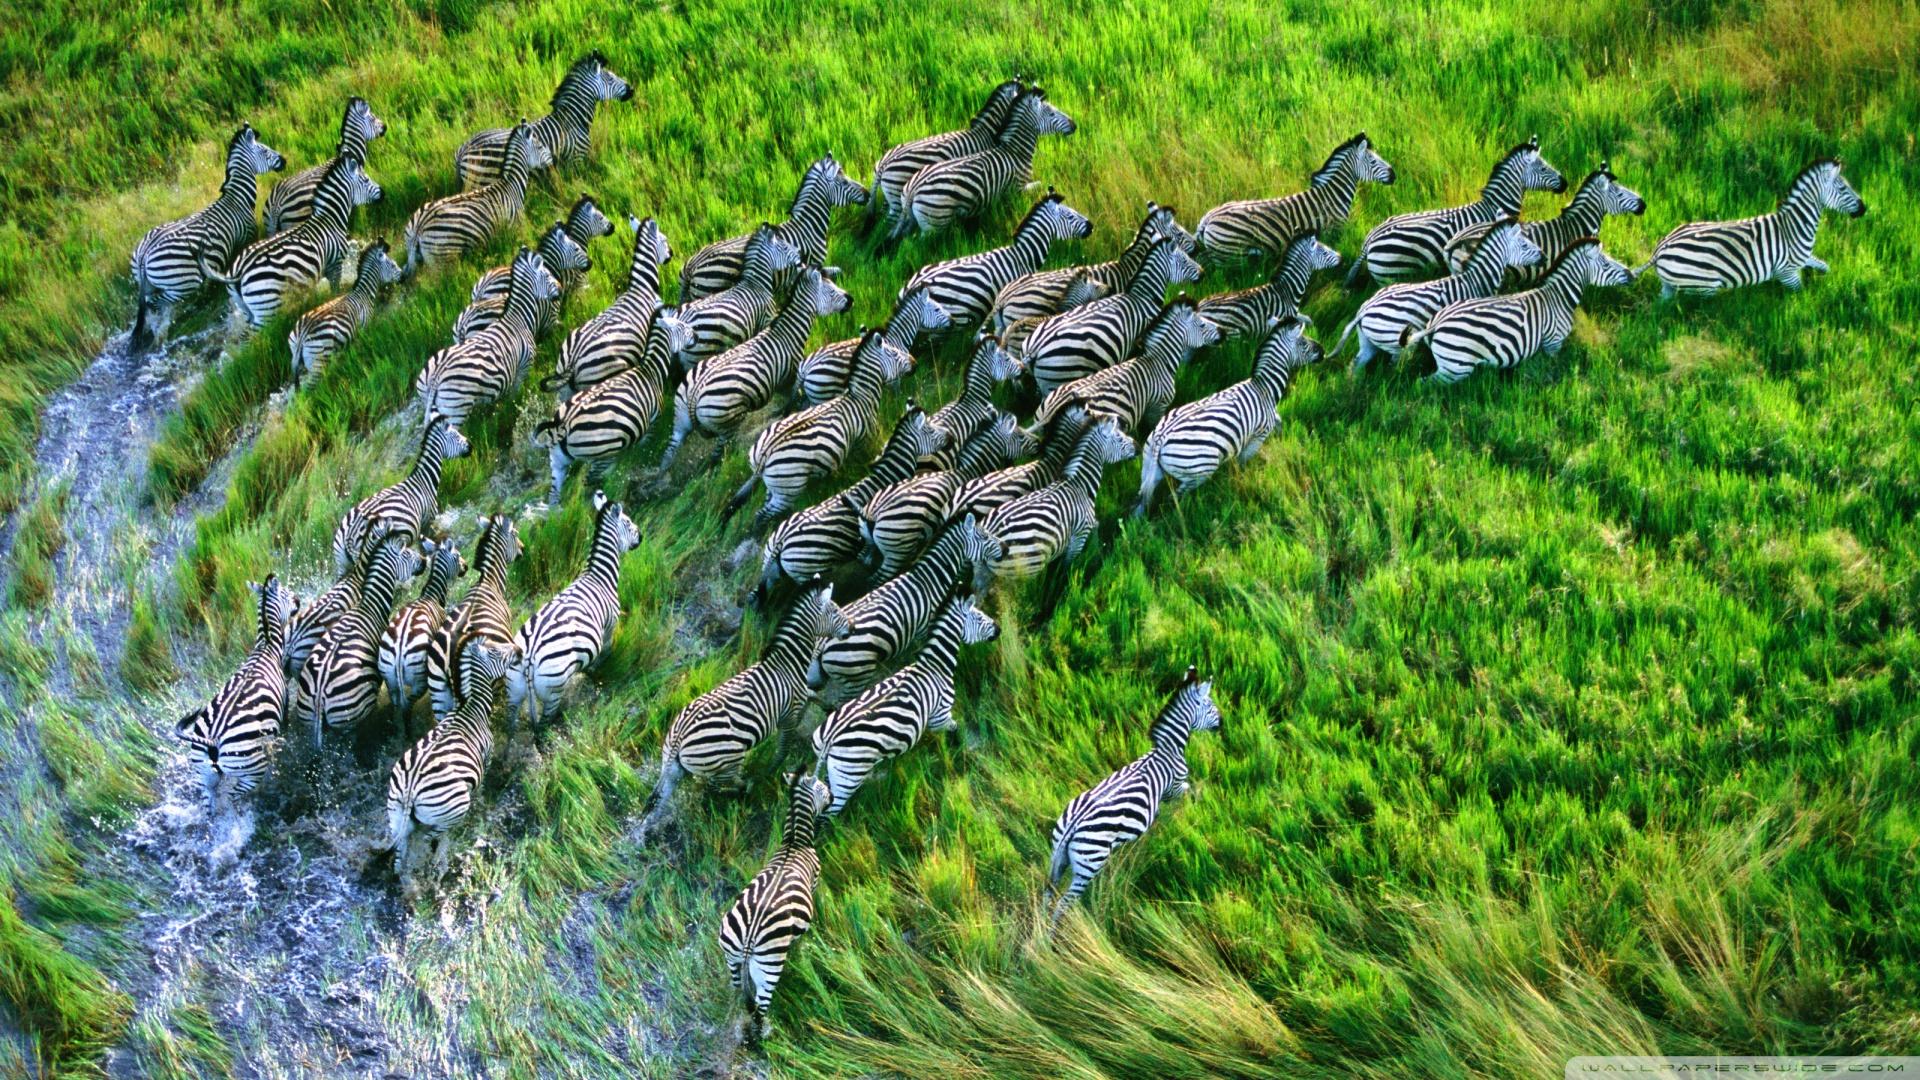 Mac Os X Retina Zebras HD desktop wallpaper : High Definition